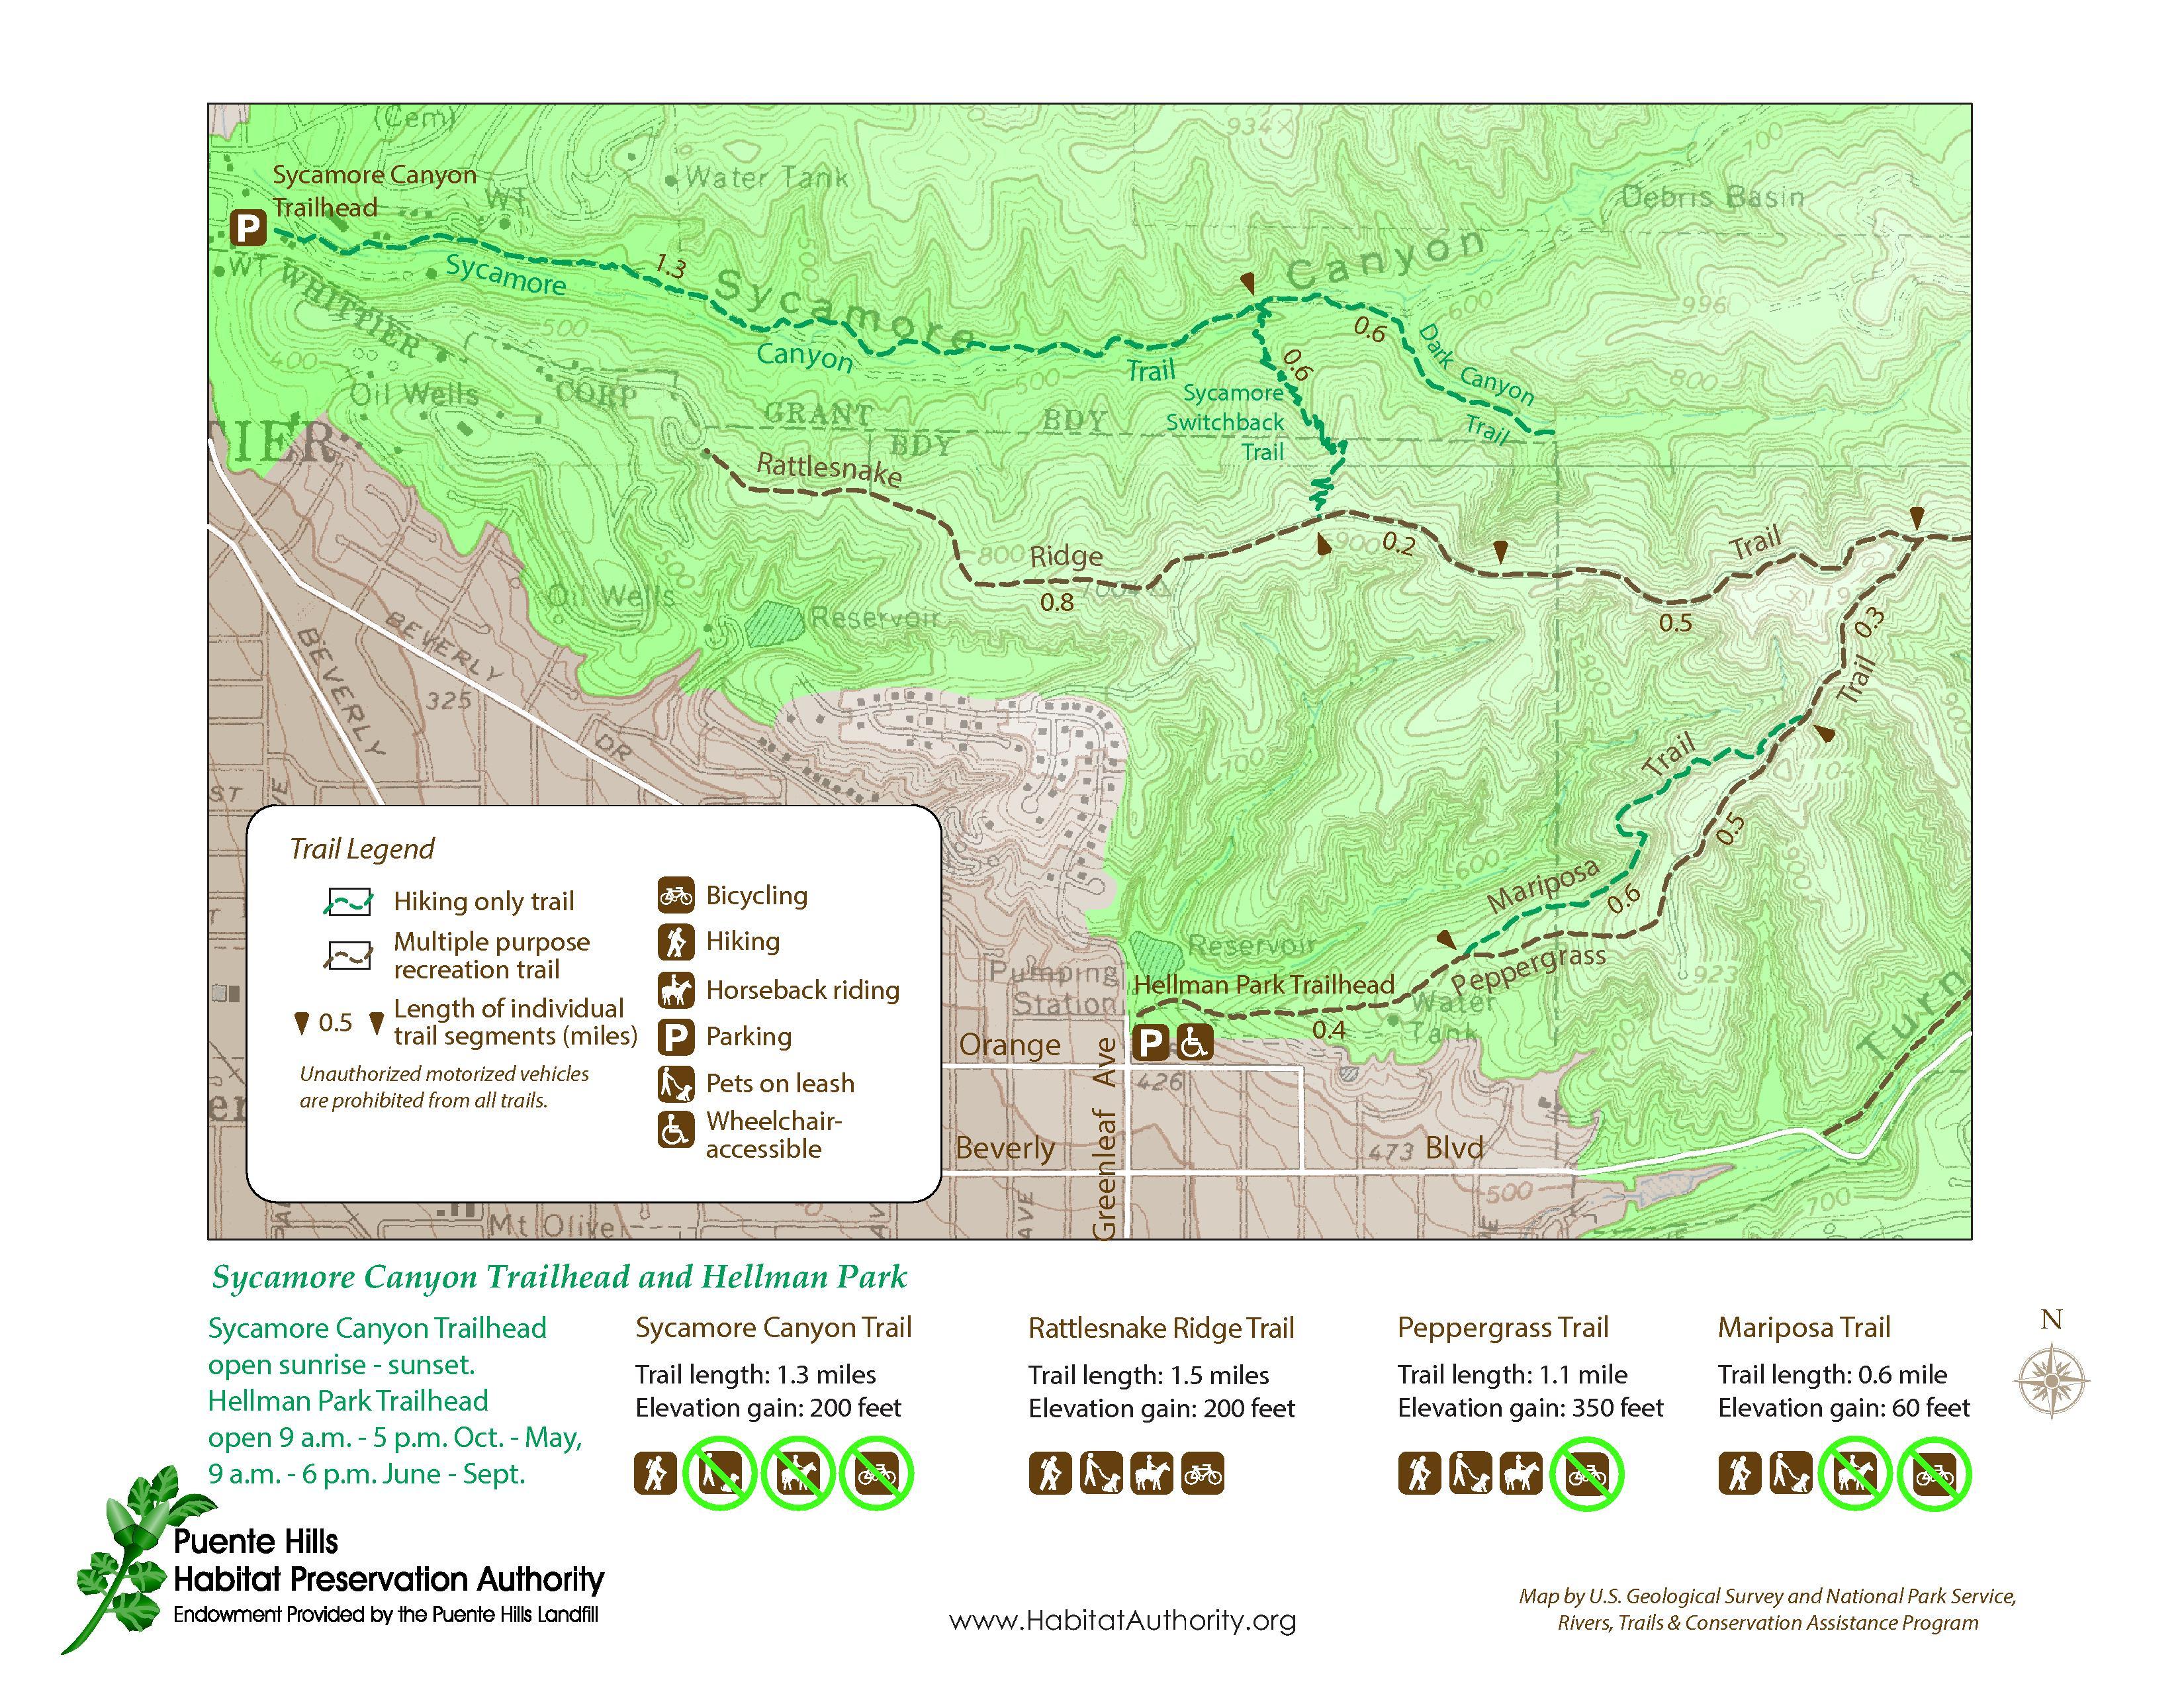 Trails | Habitat Authority